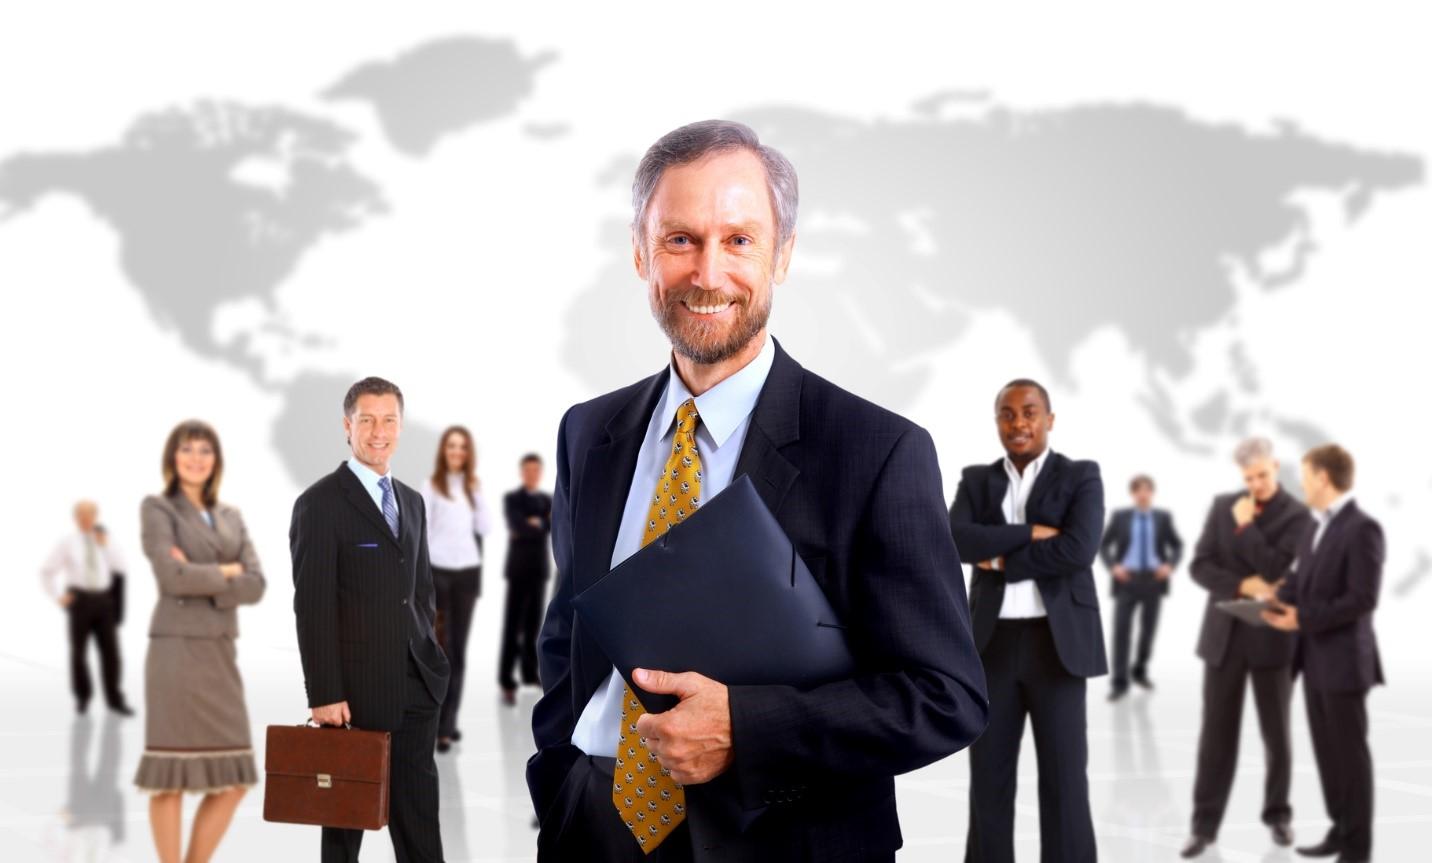 جلب مشارکت چند نفر از تصمیم گیرندگان یک شرکت